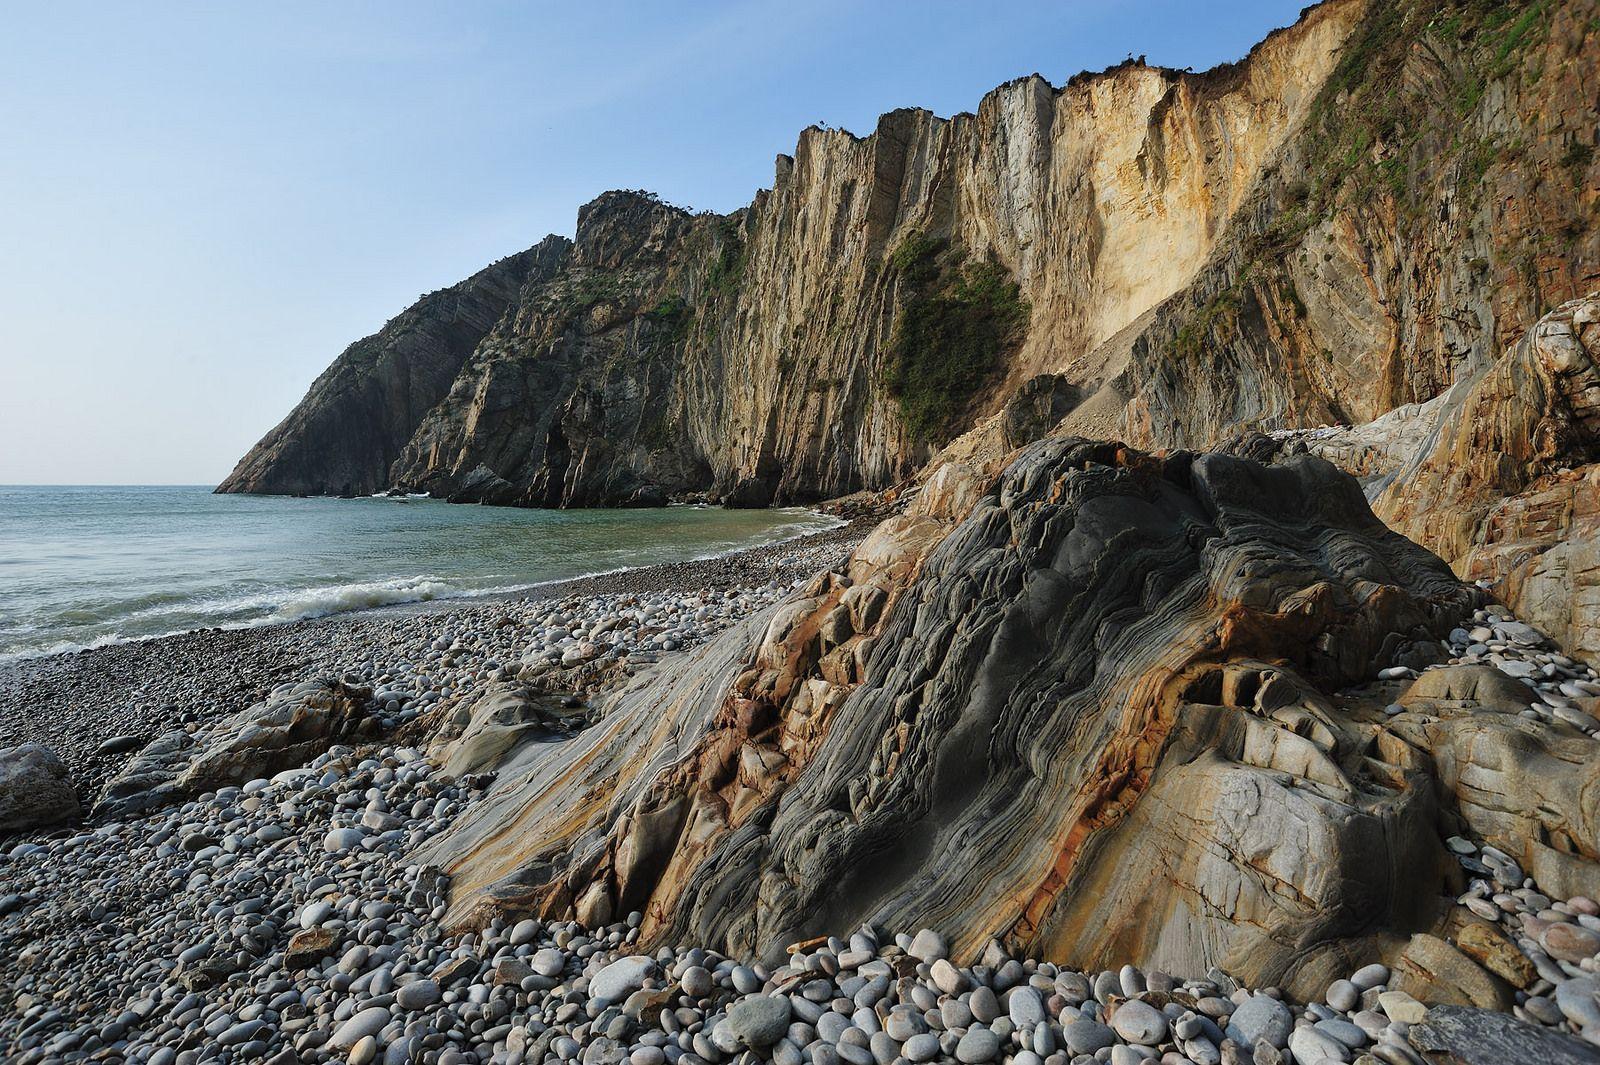 https://flic.kr/p/F4nNaJ | Playa del Silencio | © 2016 Pedro M. Mielgo Concejo de Cudillero (Asturias). Playa del Silencio.